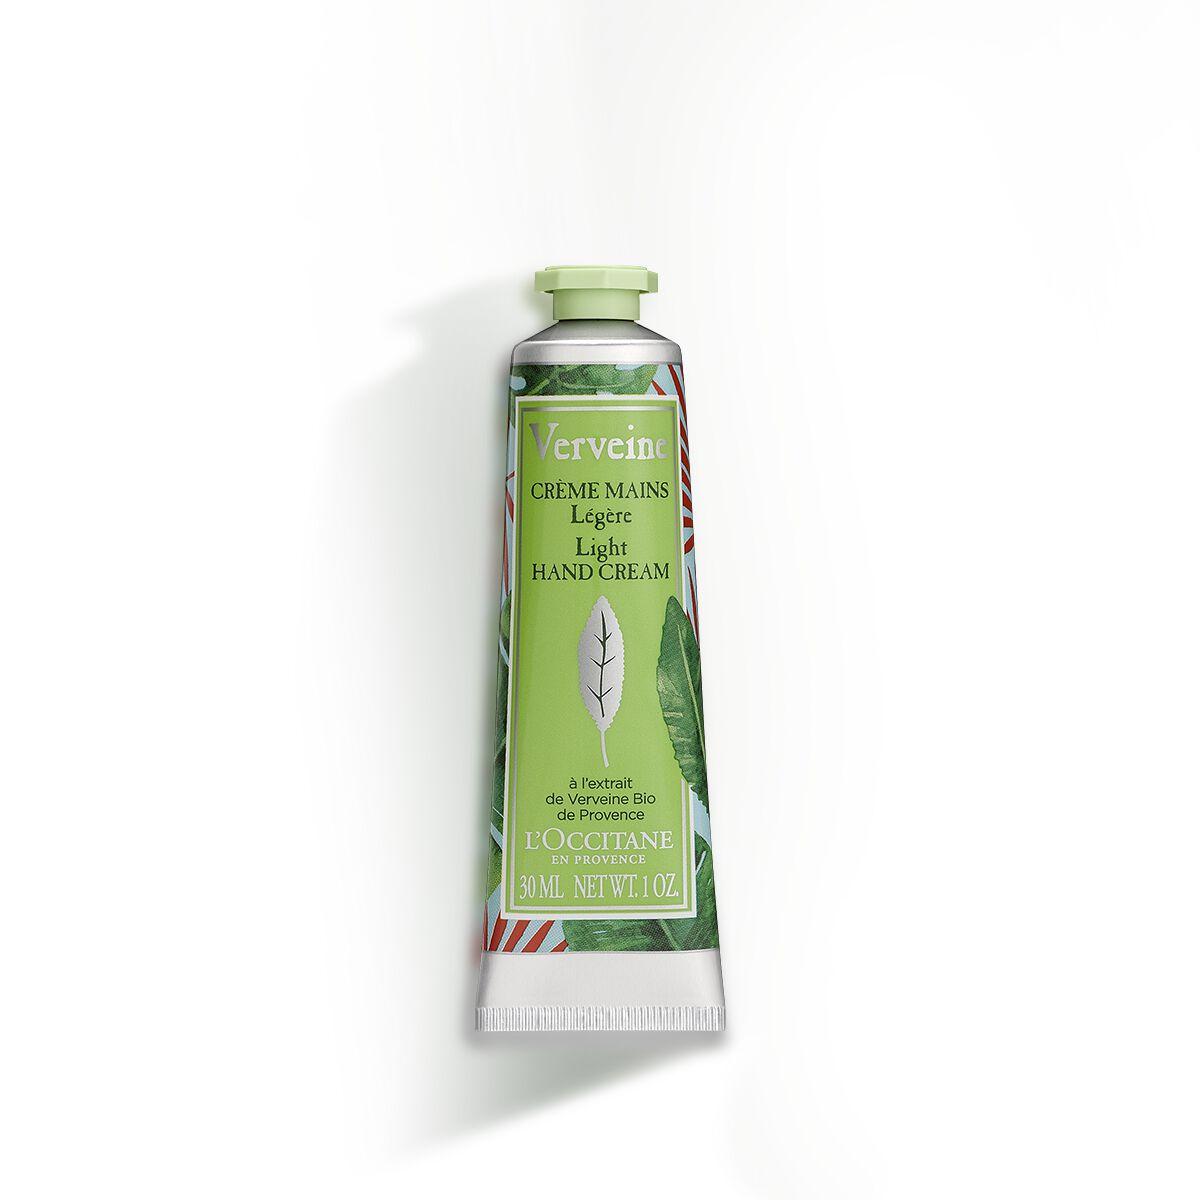 Verbena Light Hand Cream 1 fl. oz.